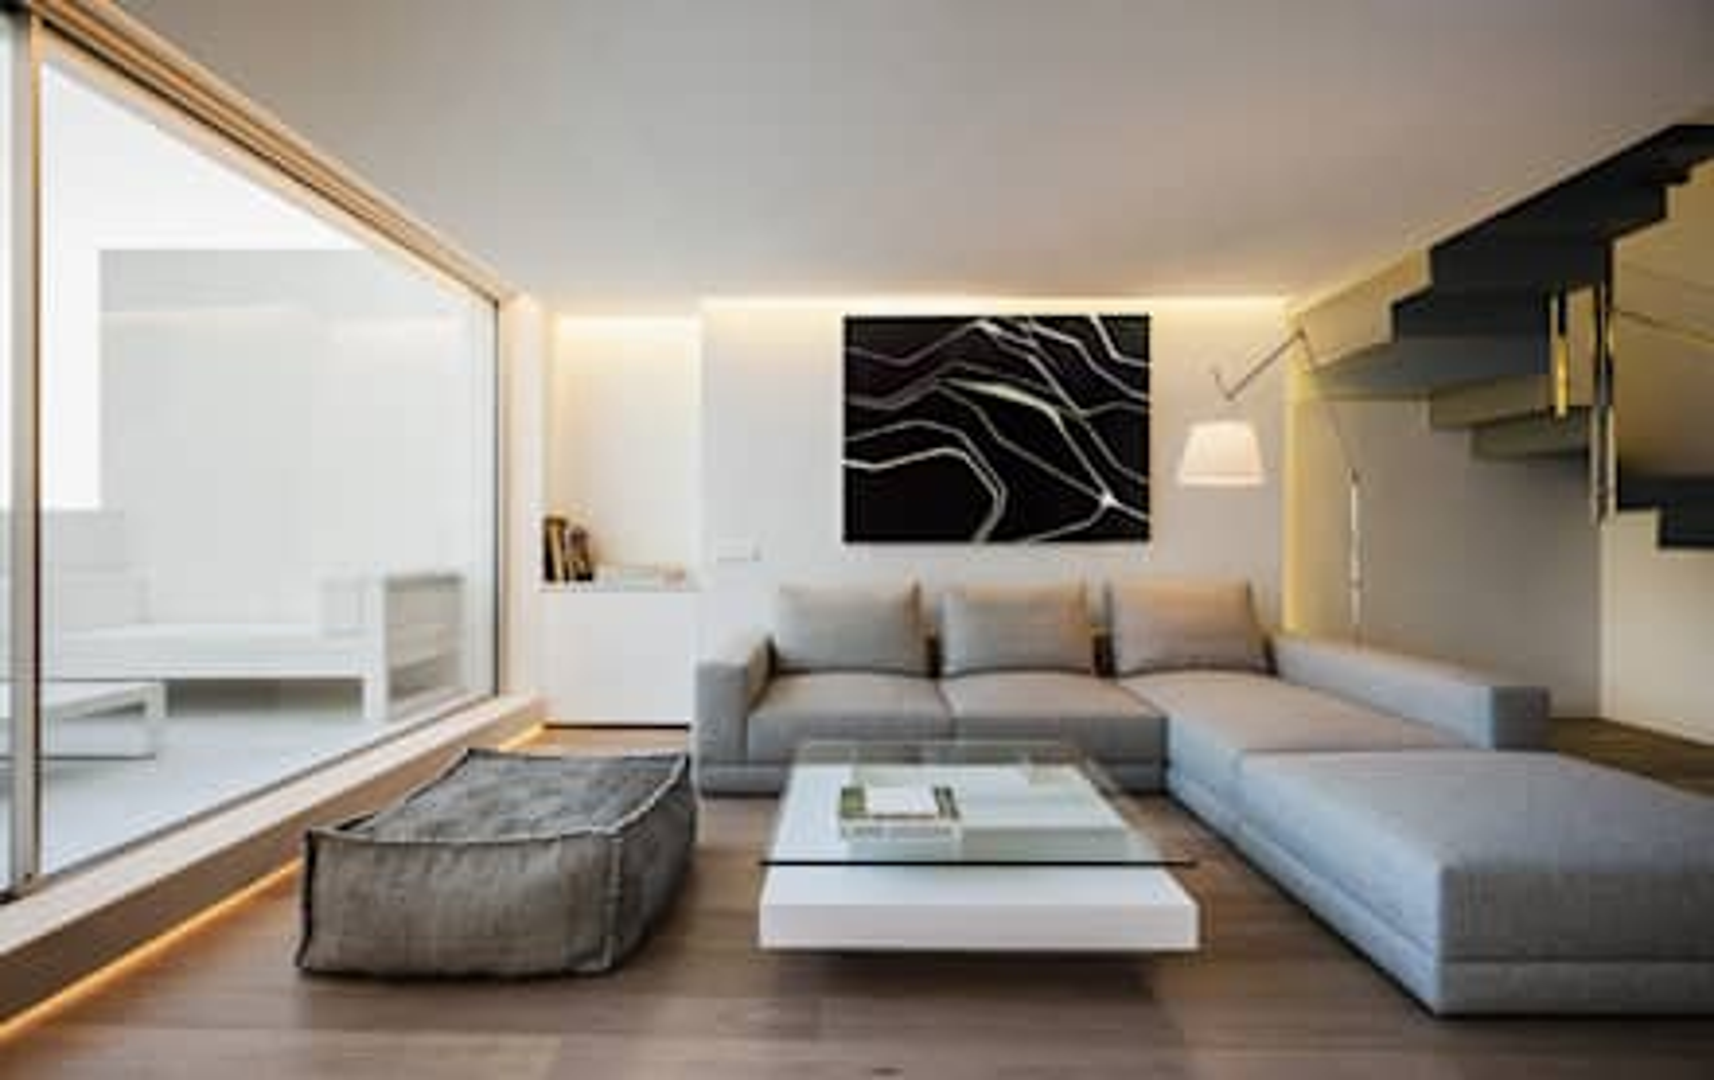 Salones minimalistas Diseo y decoracin homify